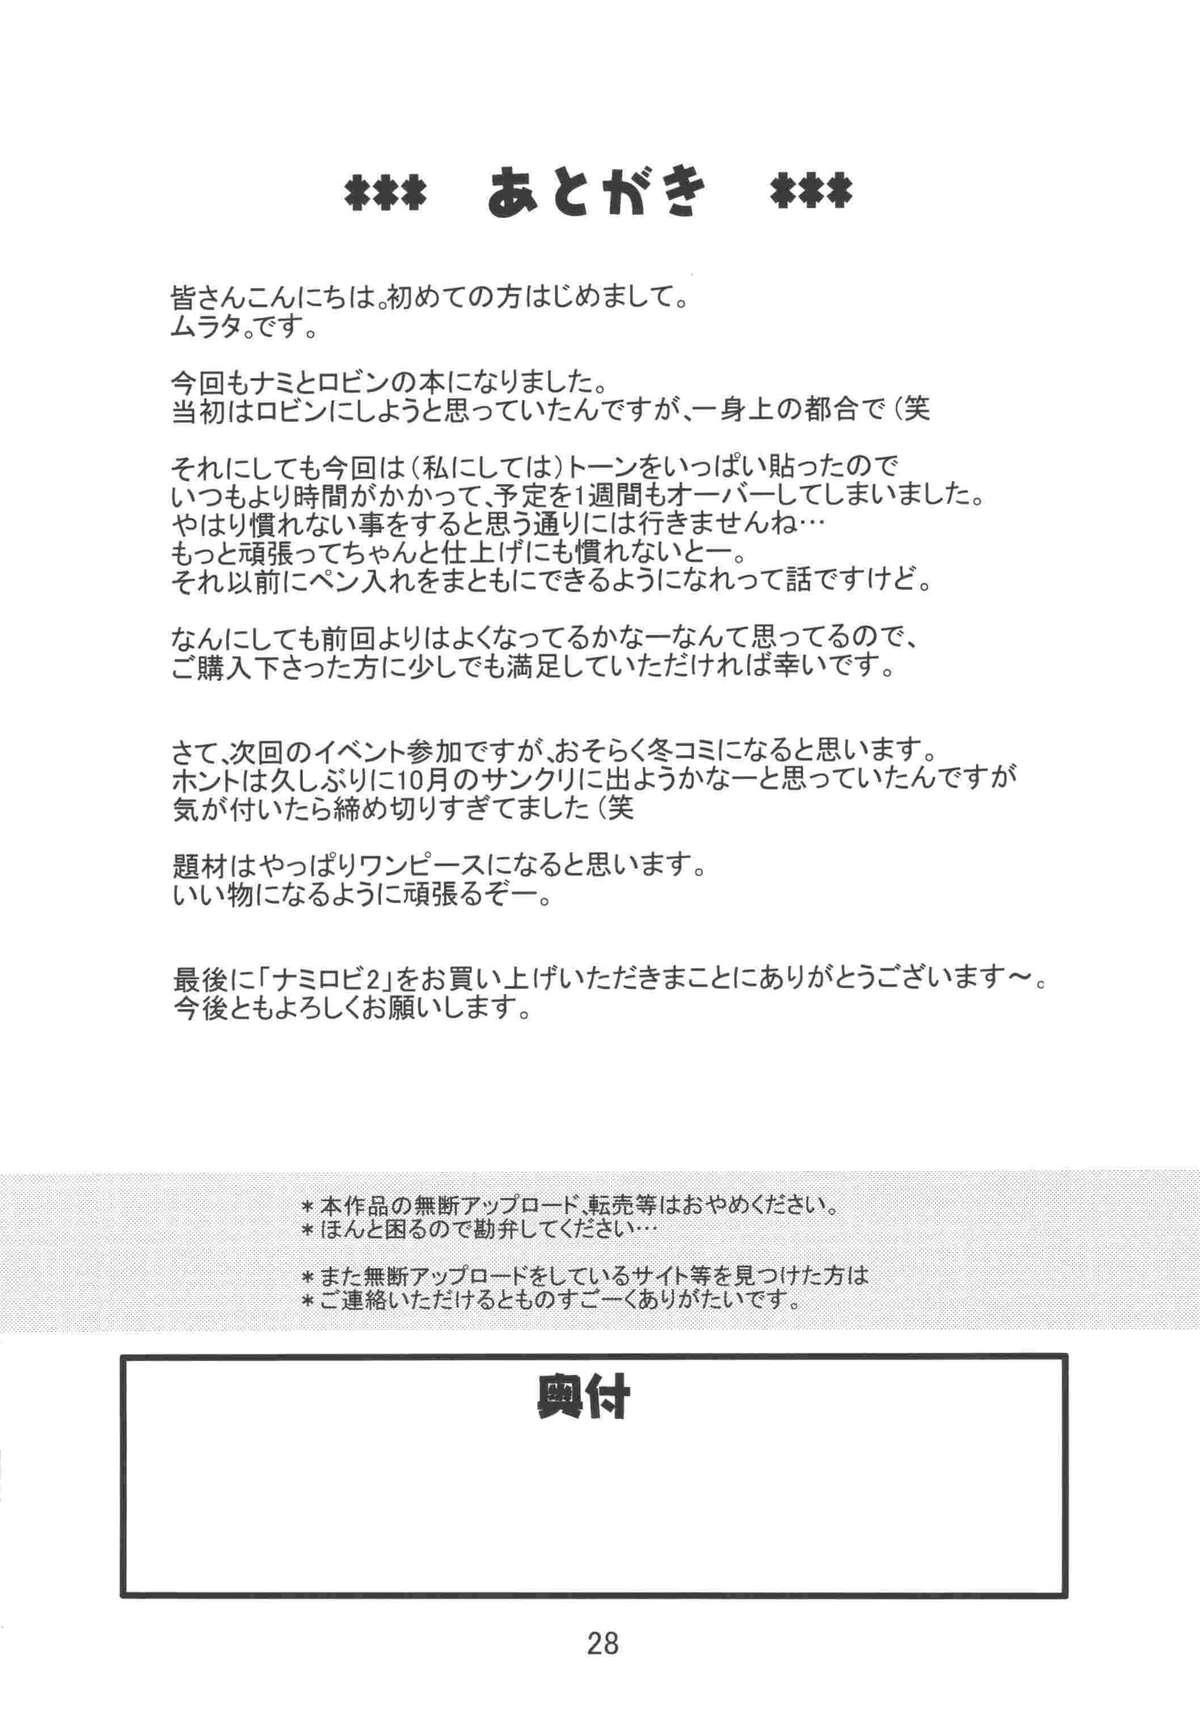 Nami no Koukai Nisshi EX NamiRobi 2 28